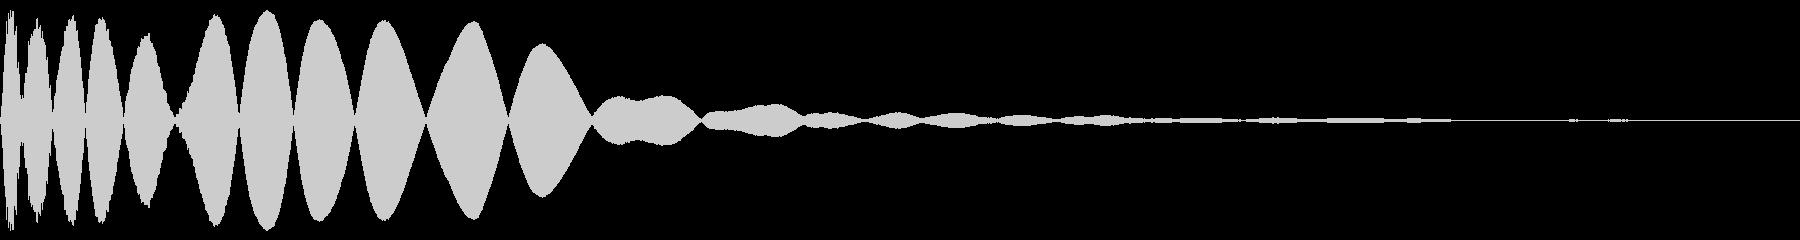 ヒットヒットインパクト12の未再生の波形